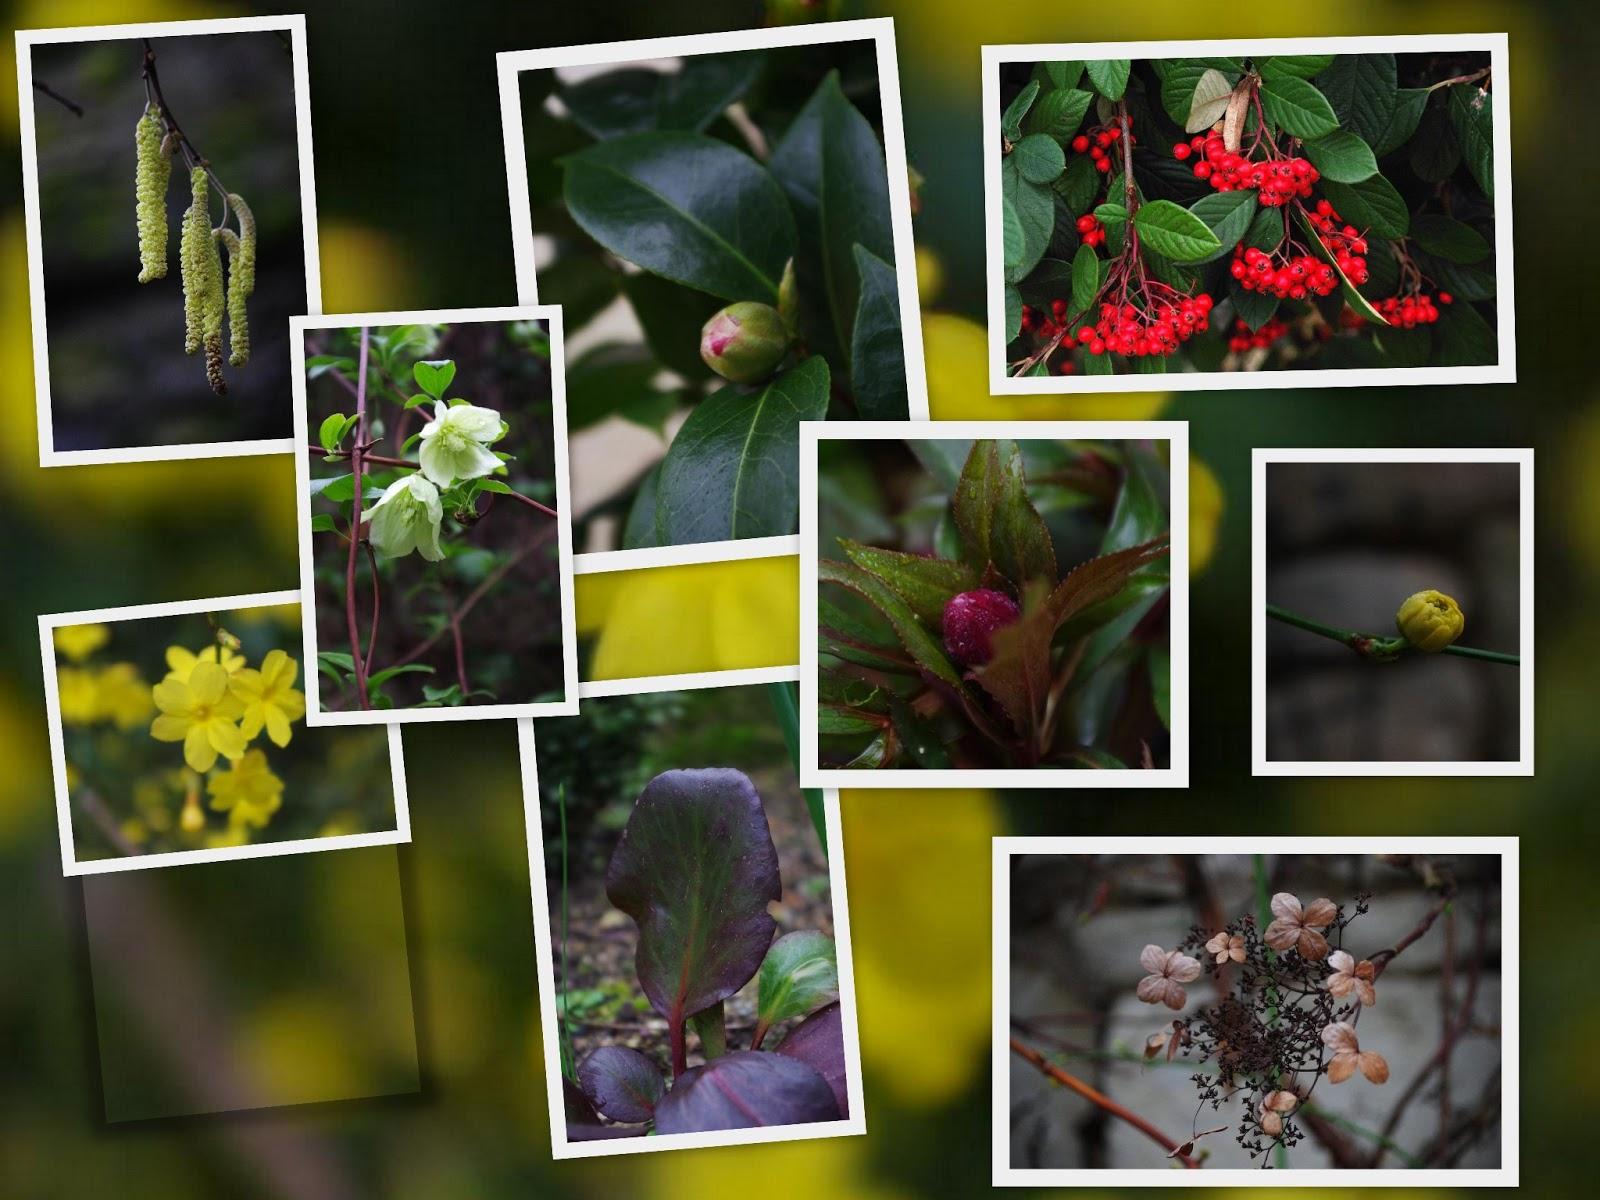 Le jardin des couronnes janvier au jardin for Jardin janvier